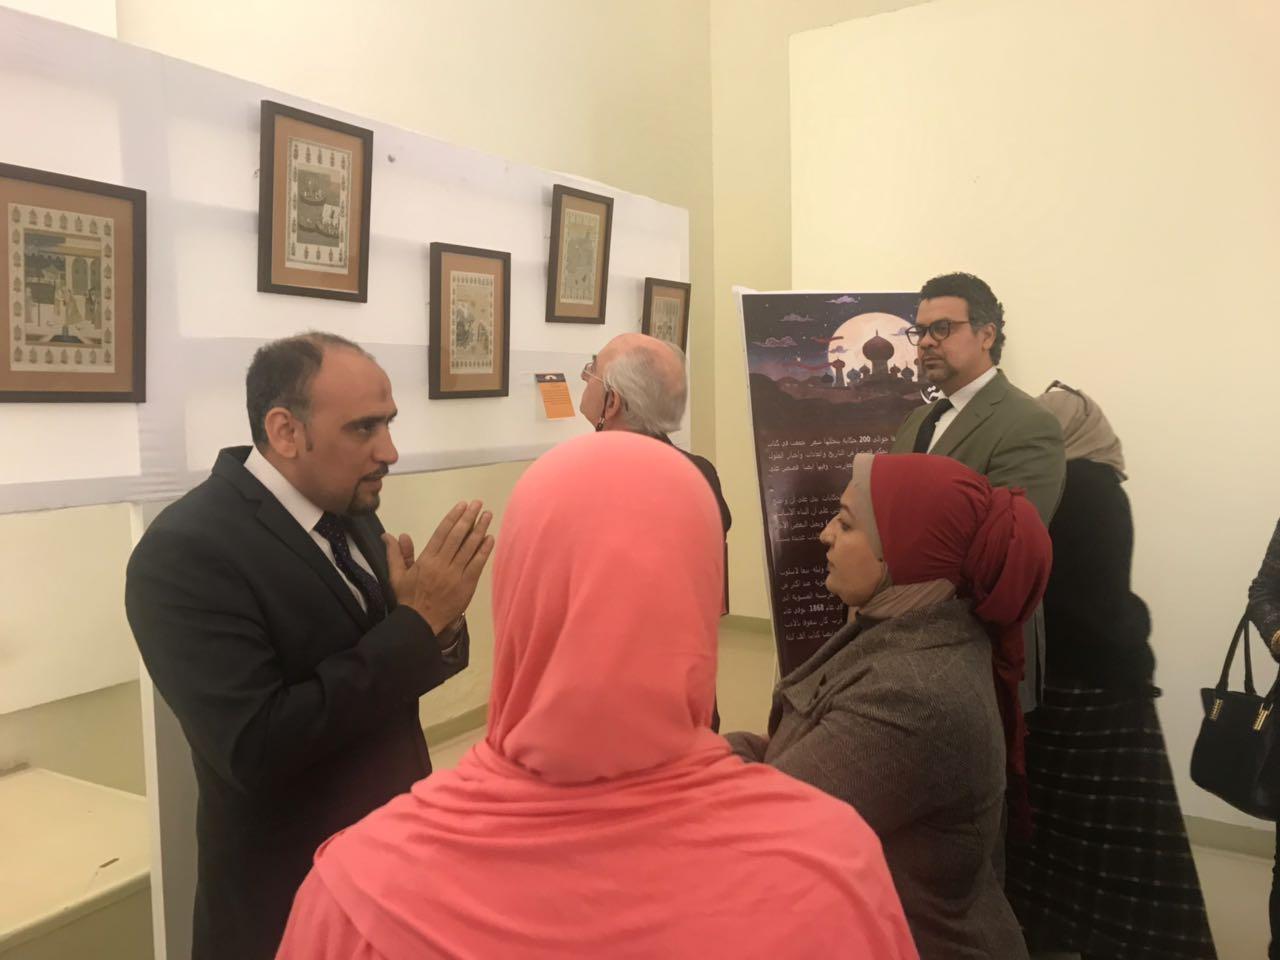 افتتاح معرض الف ليلة وليلة بمتحف قصر المنيل (5)